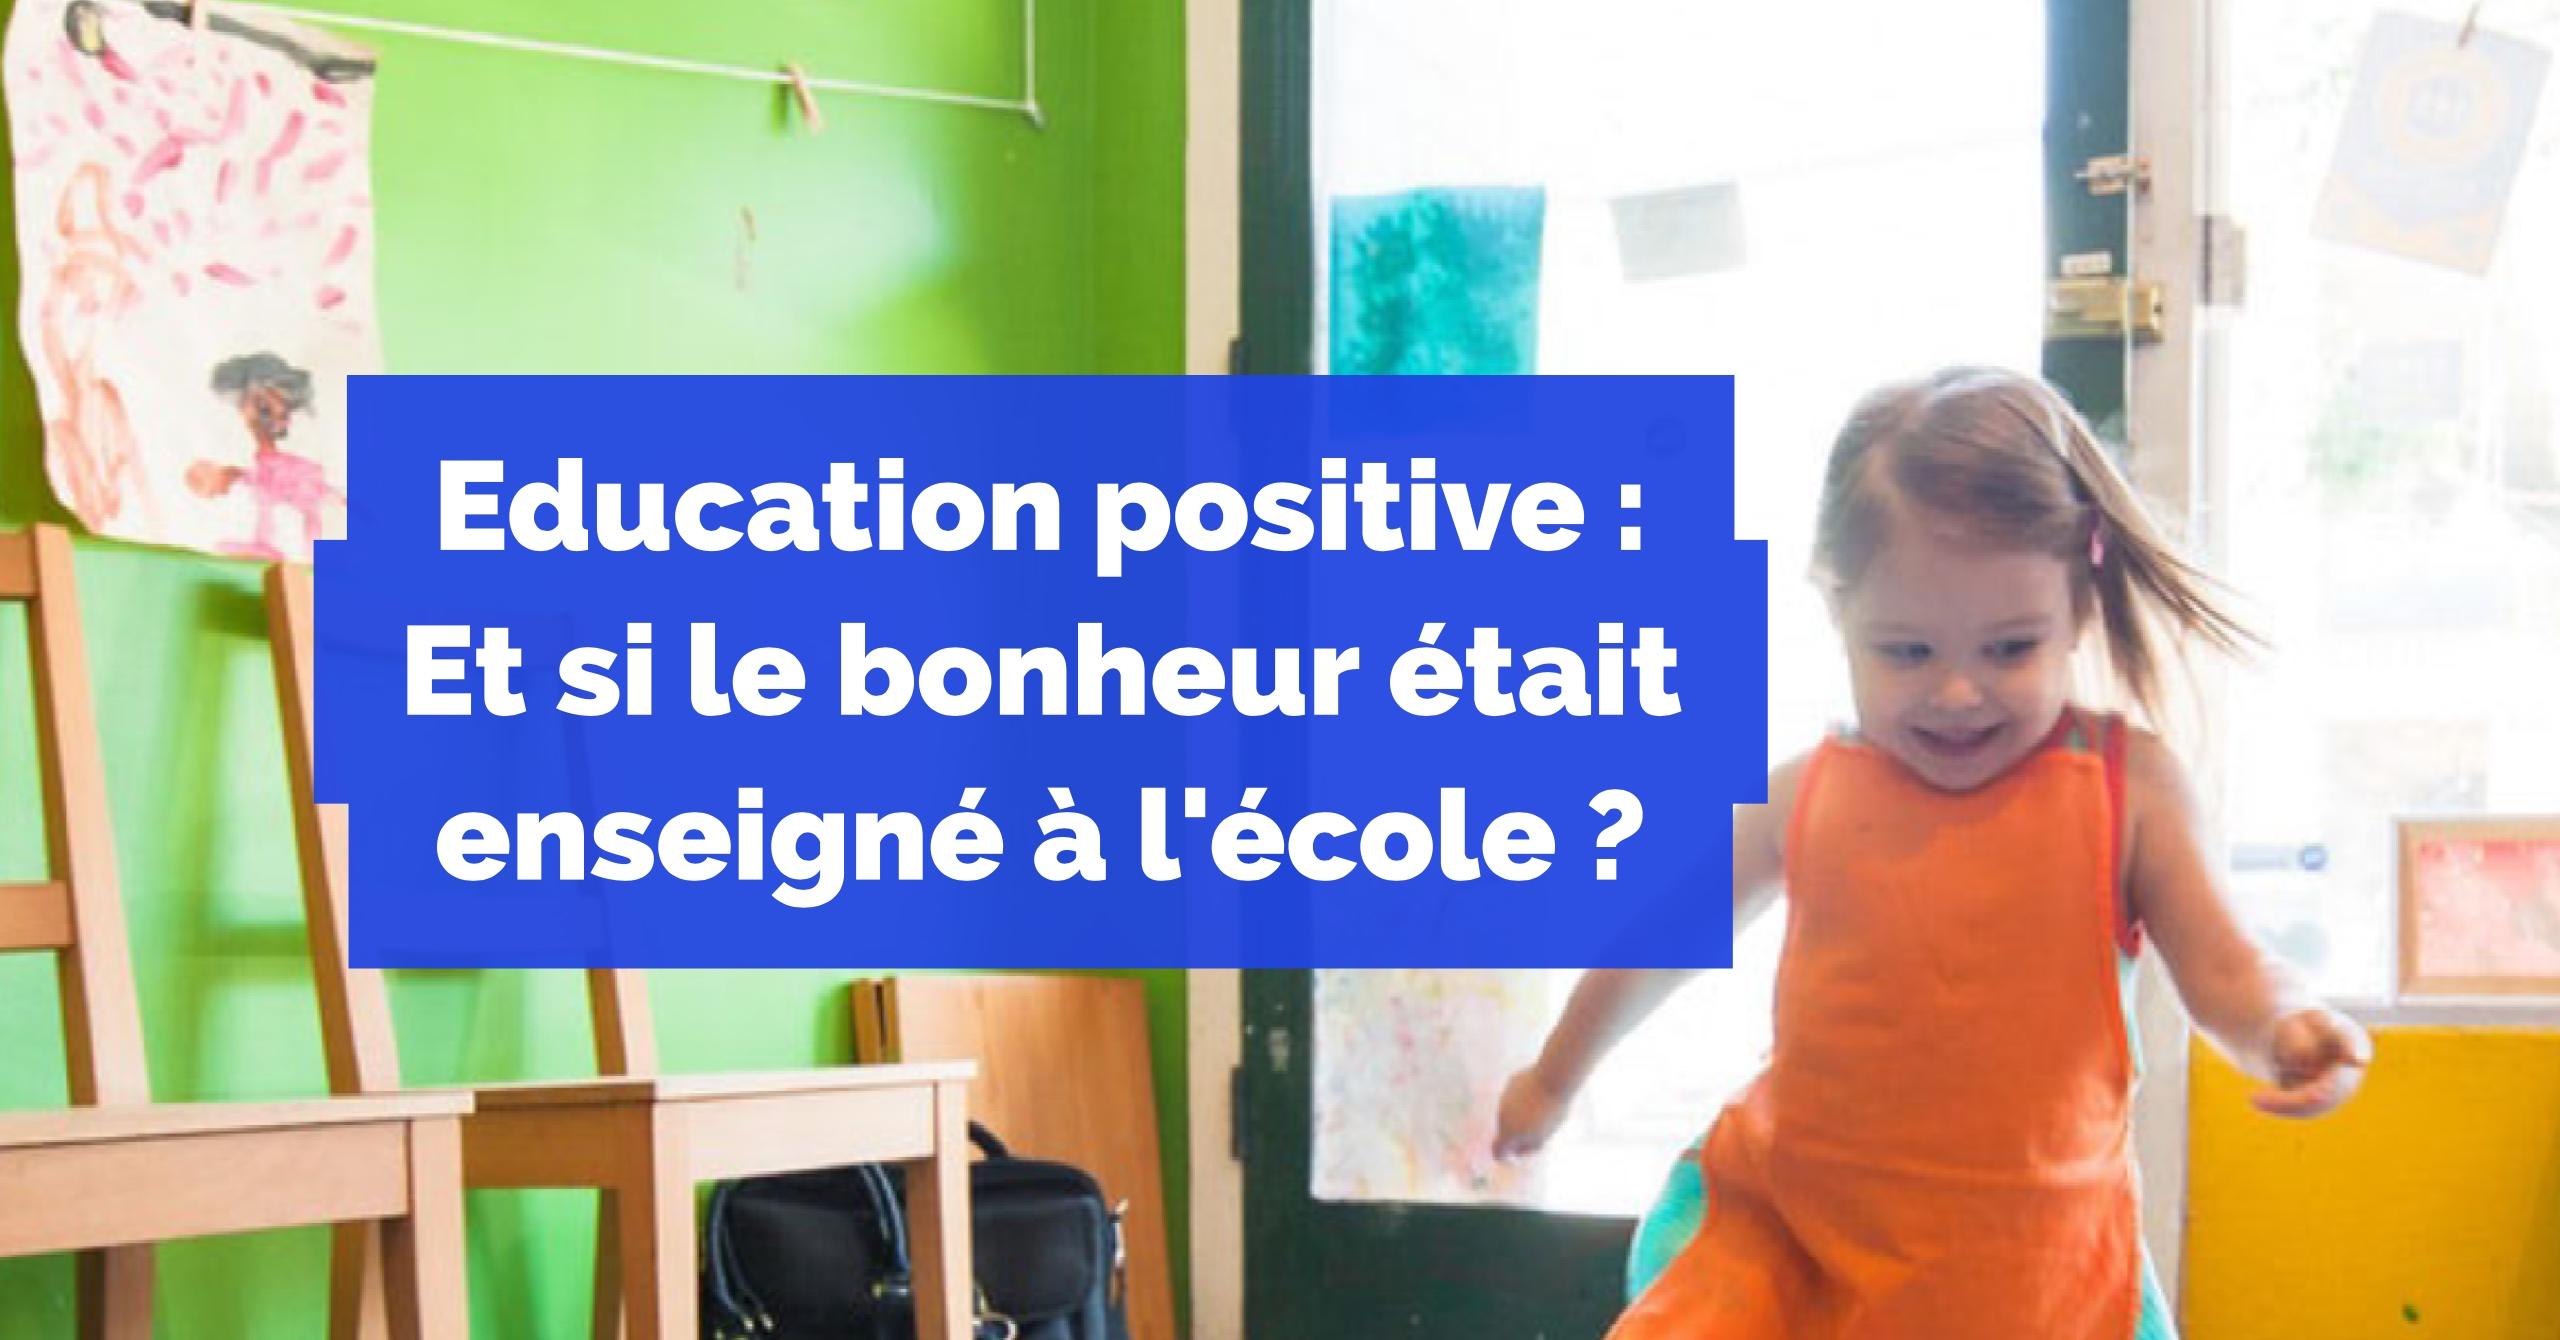 Education positive : Et si le bonheur était enseigné à l